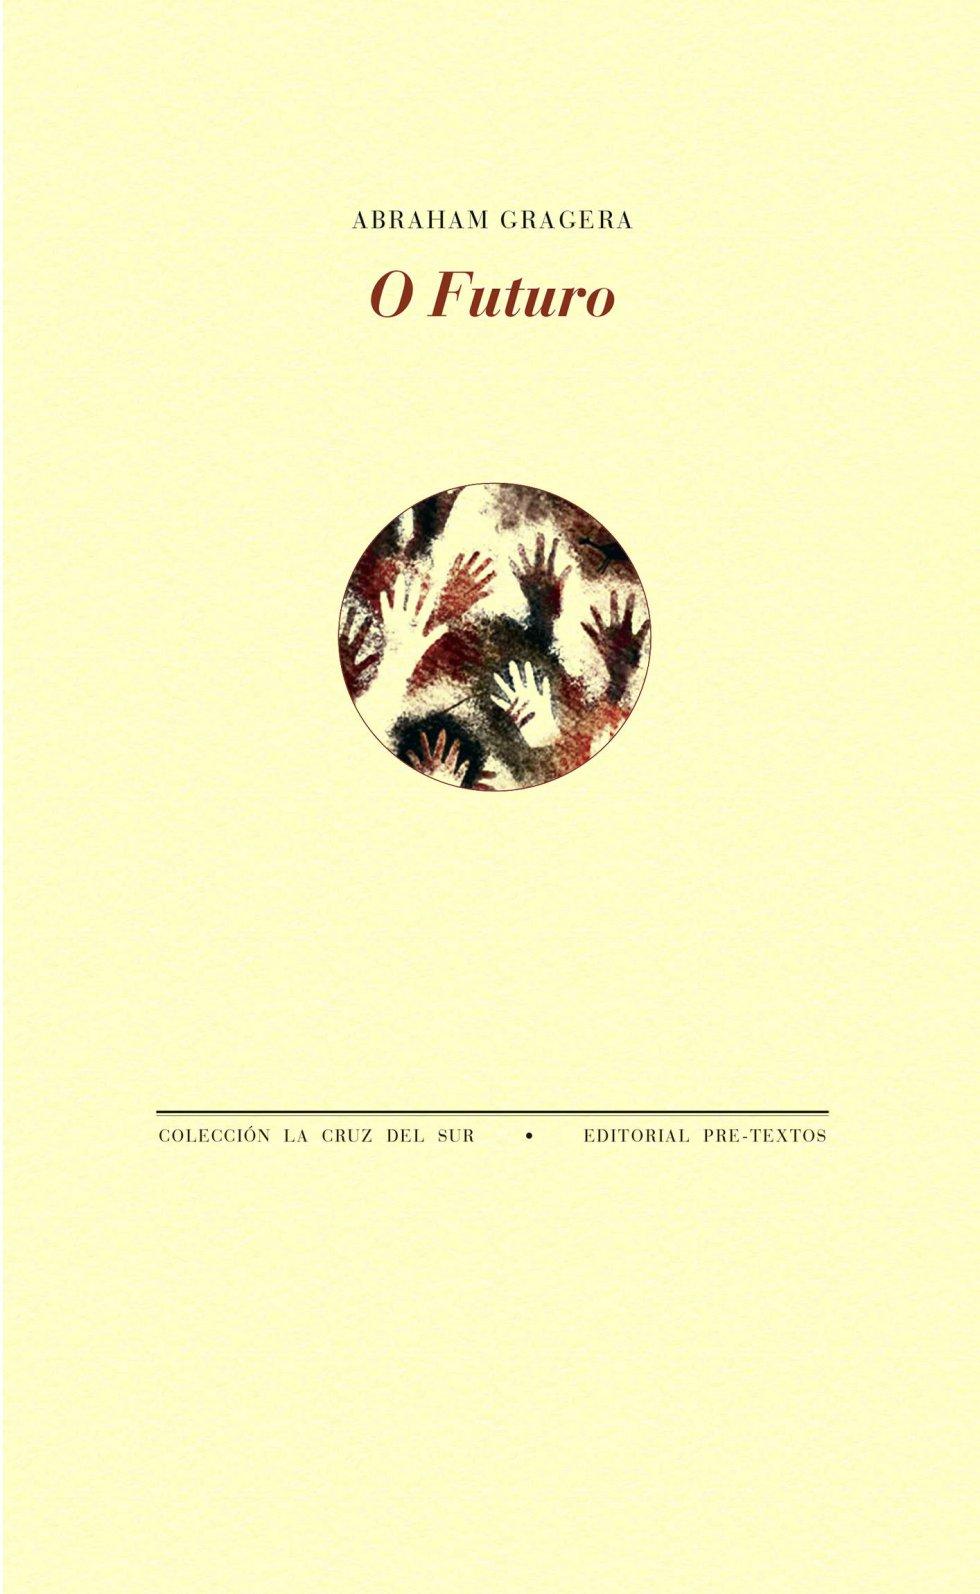 """O FUTURO (Pre-Textos). Abraham Gragera. """"Ninguna soledadse nos parece"""", dicen dos versos de este libro. """"Pero soygente sin peso, población flotante"""", dicen otros dos. Entre ambos extremos –individual y colectivo– se mueven estos poemas íntimos y políticos, memoriosos y amorosos. Su autor –44 años, tres libros– se prodiga poco pero siempre acierta."""